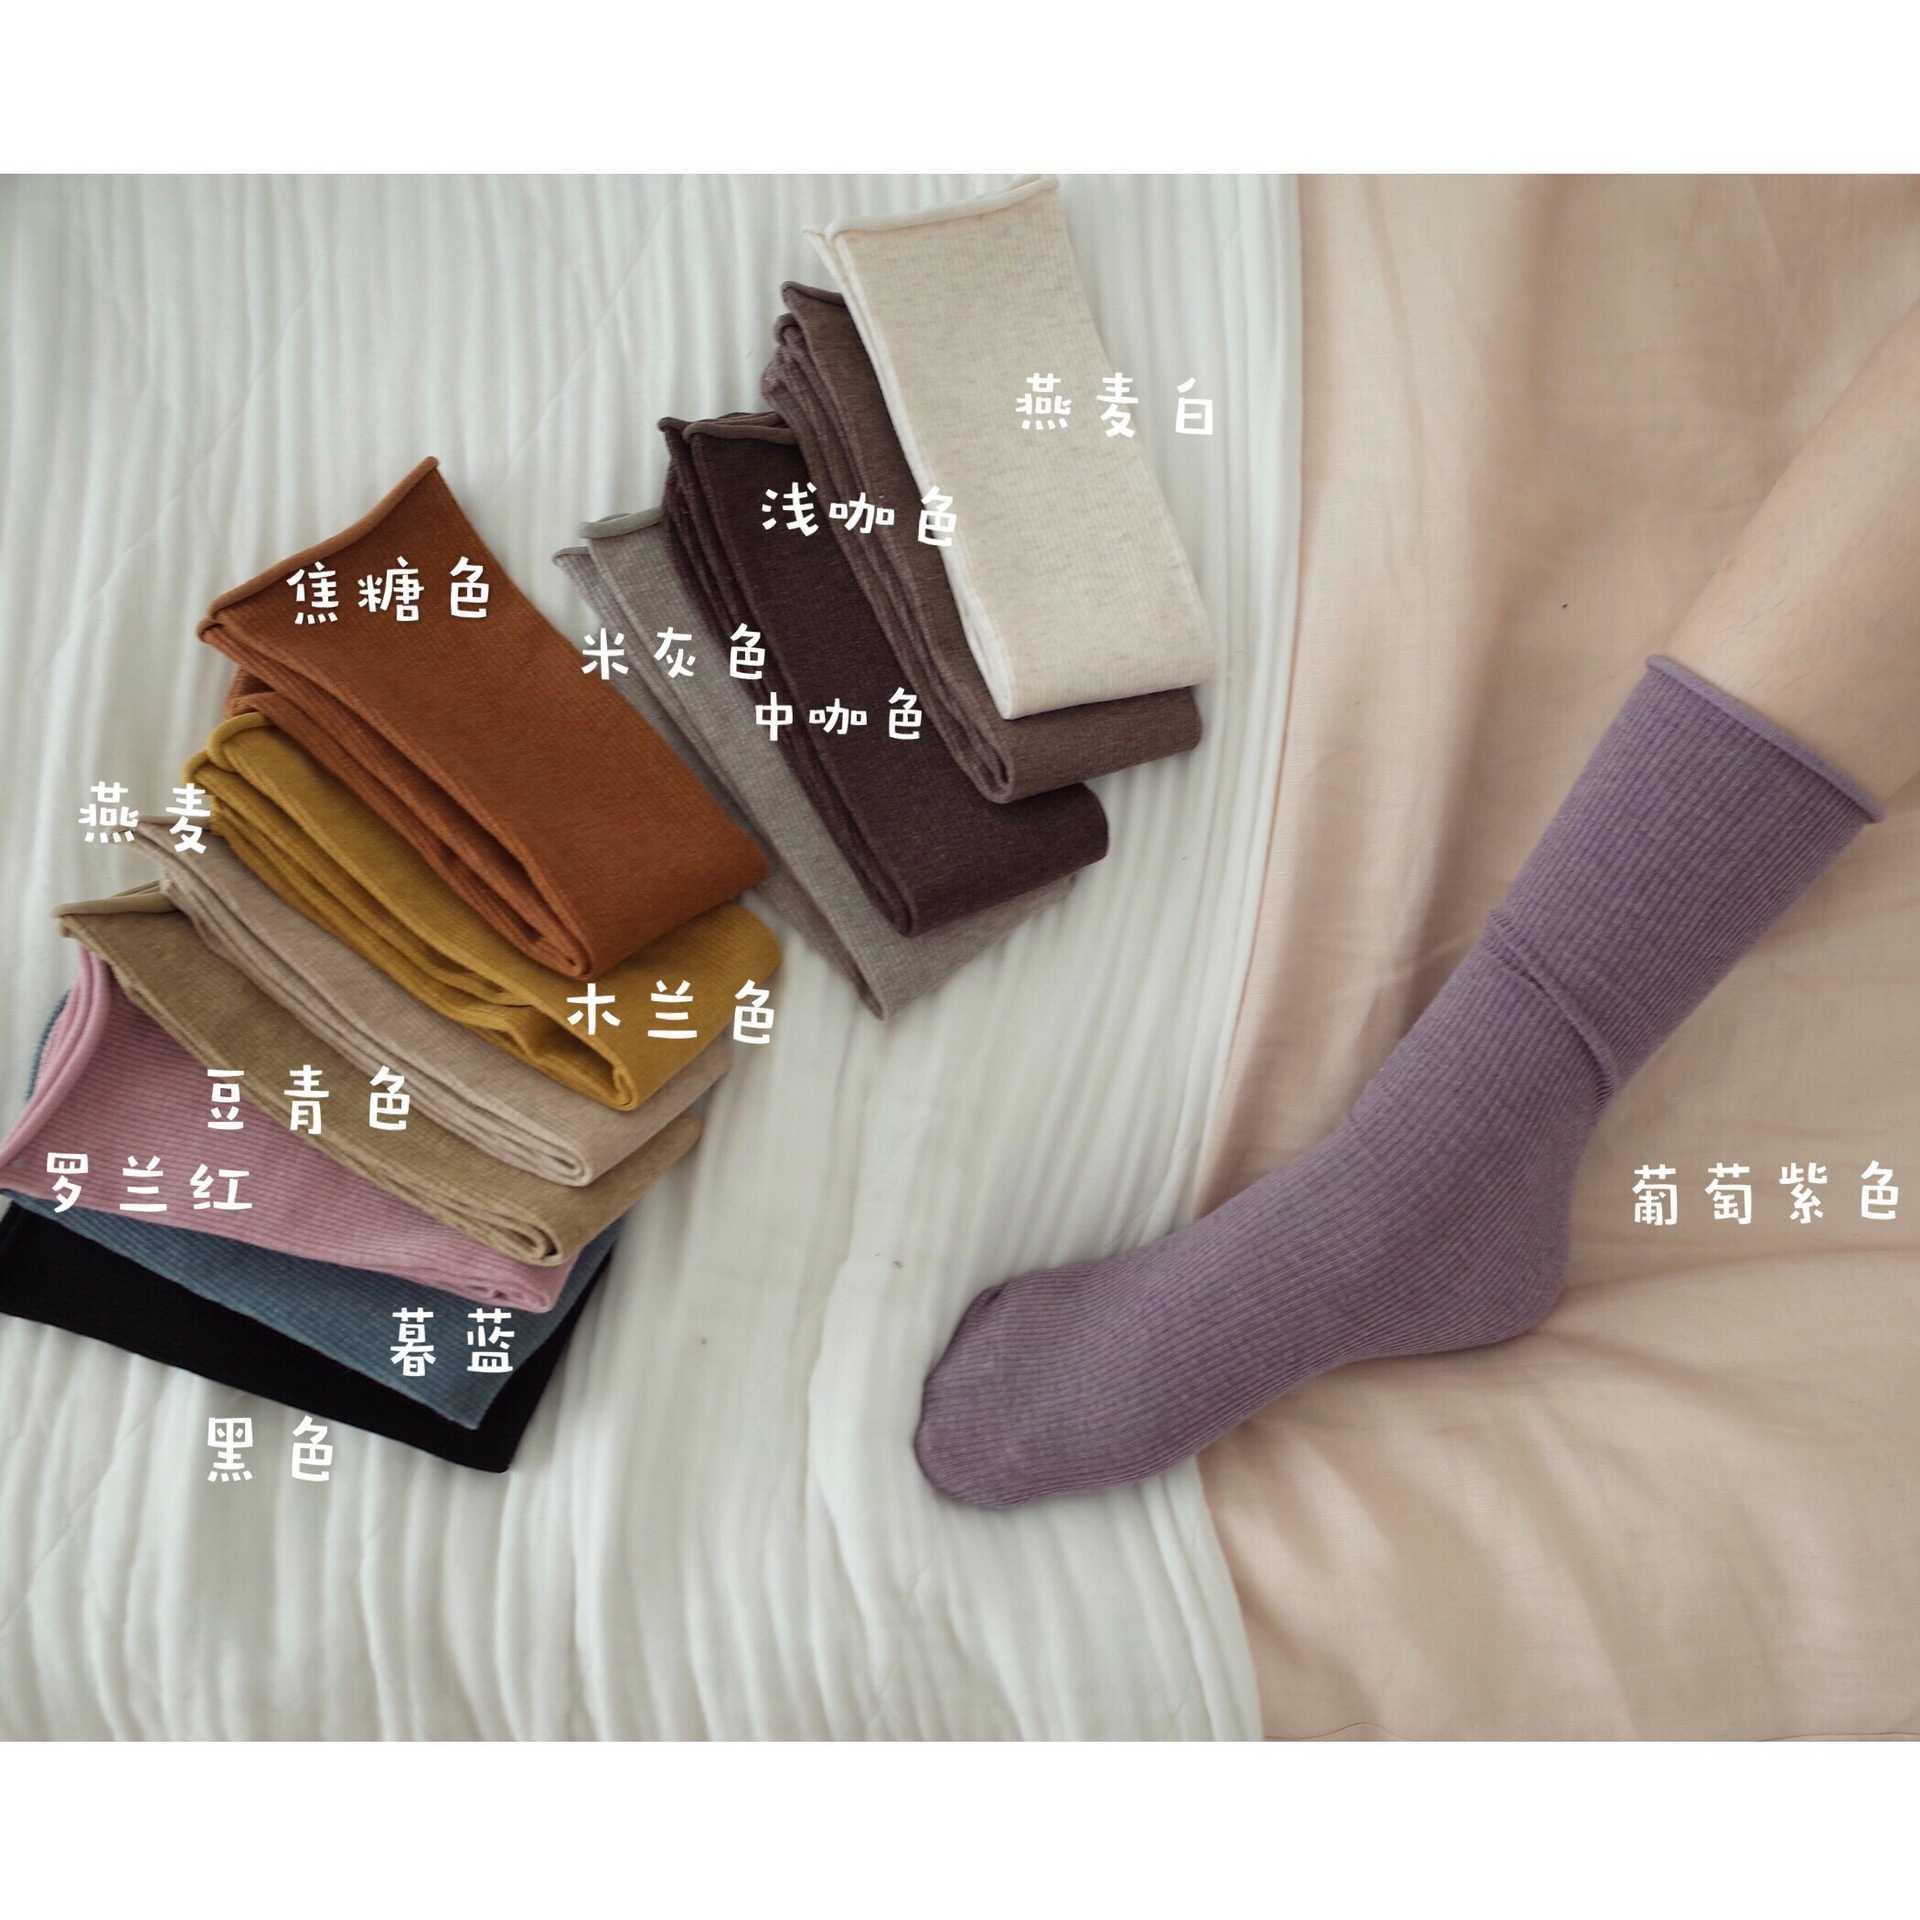 5双包邮  百搭保暖莫兰迪Nayean多彩ins风中长筒袜服饰其他配件